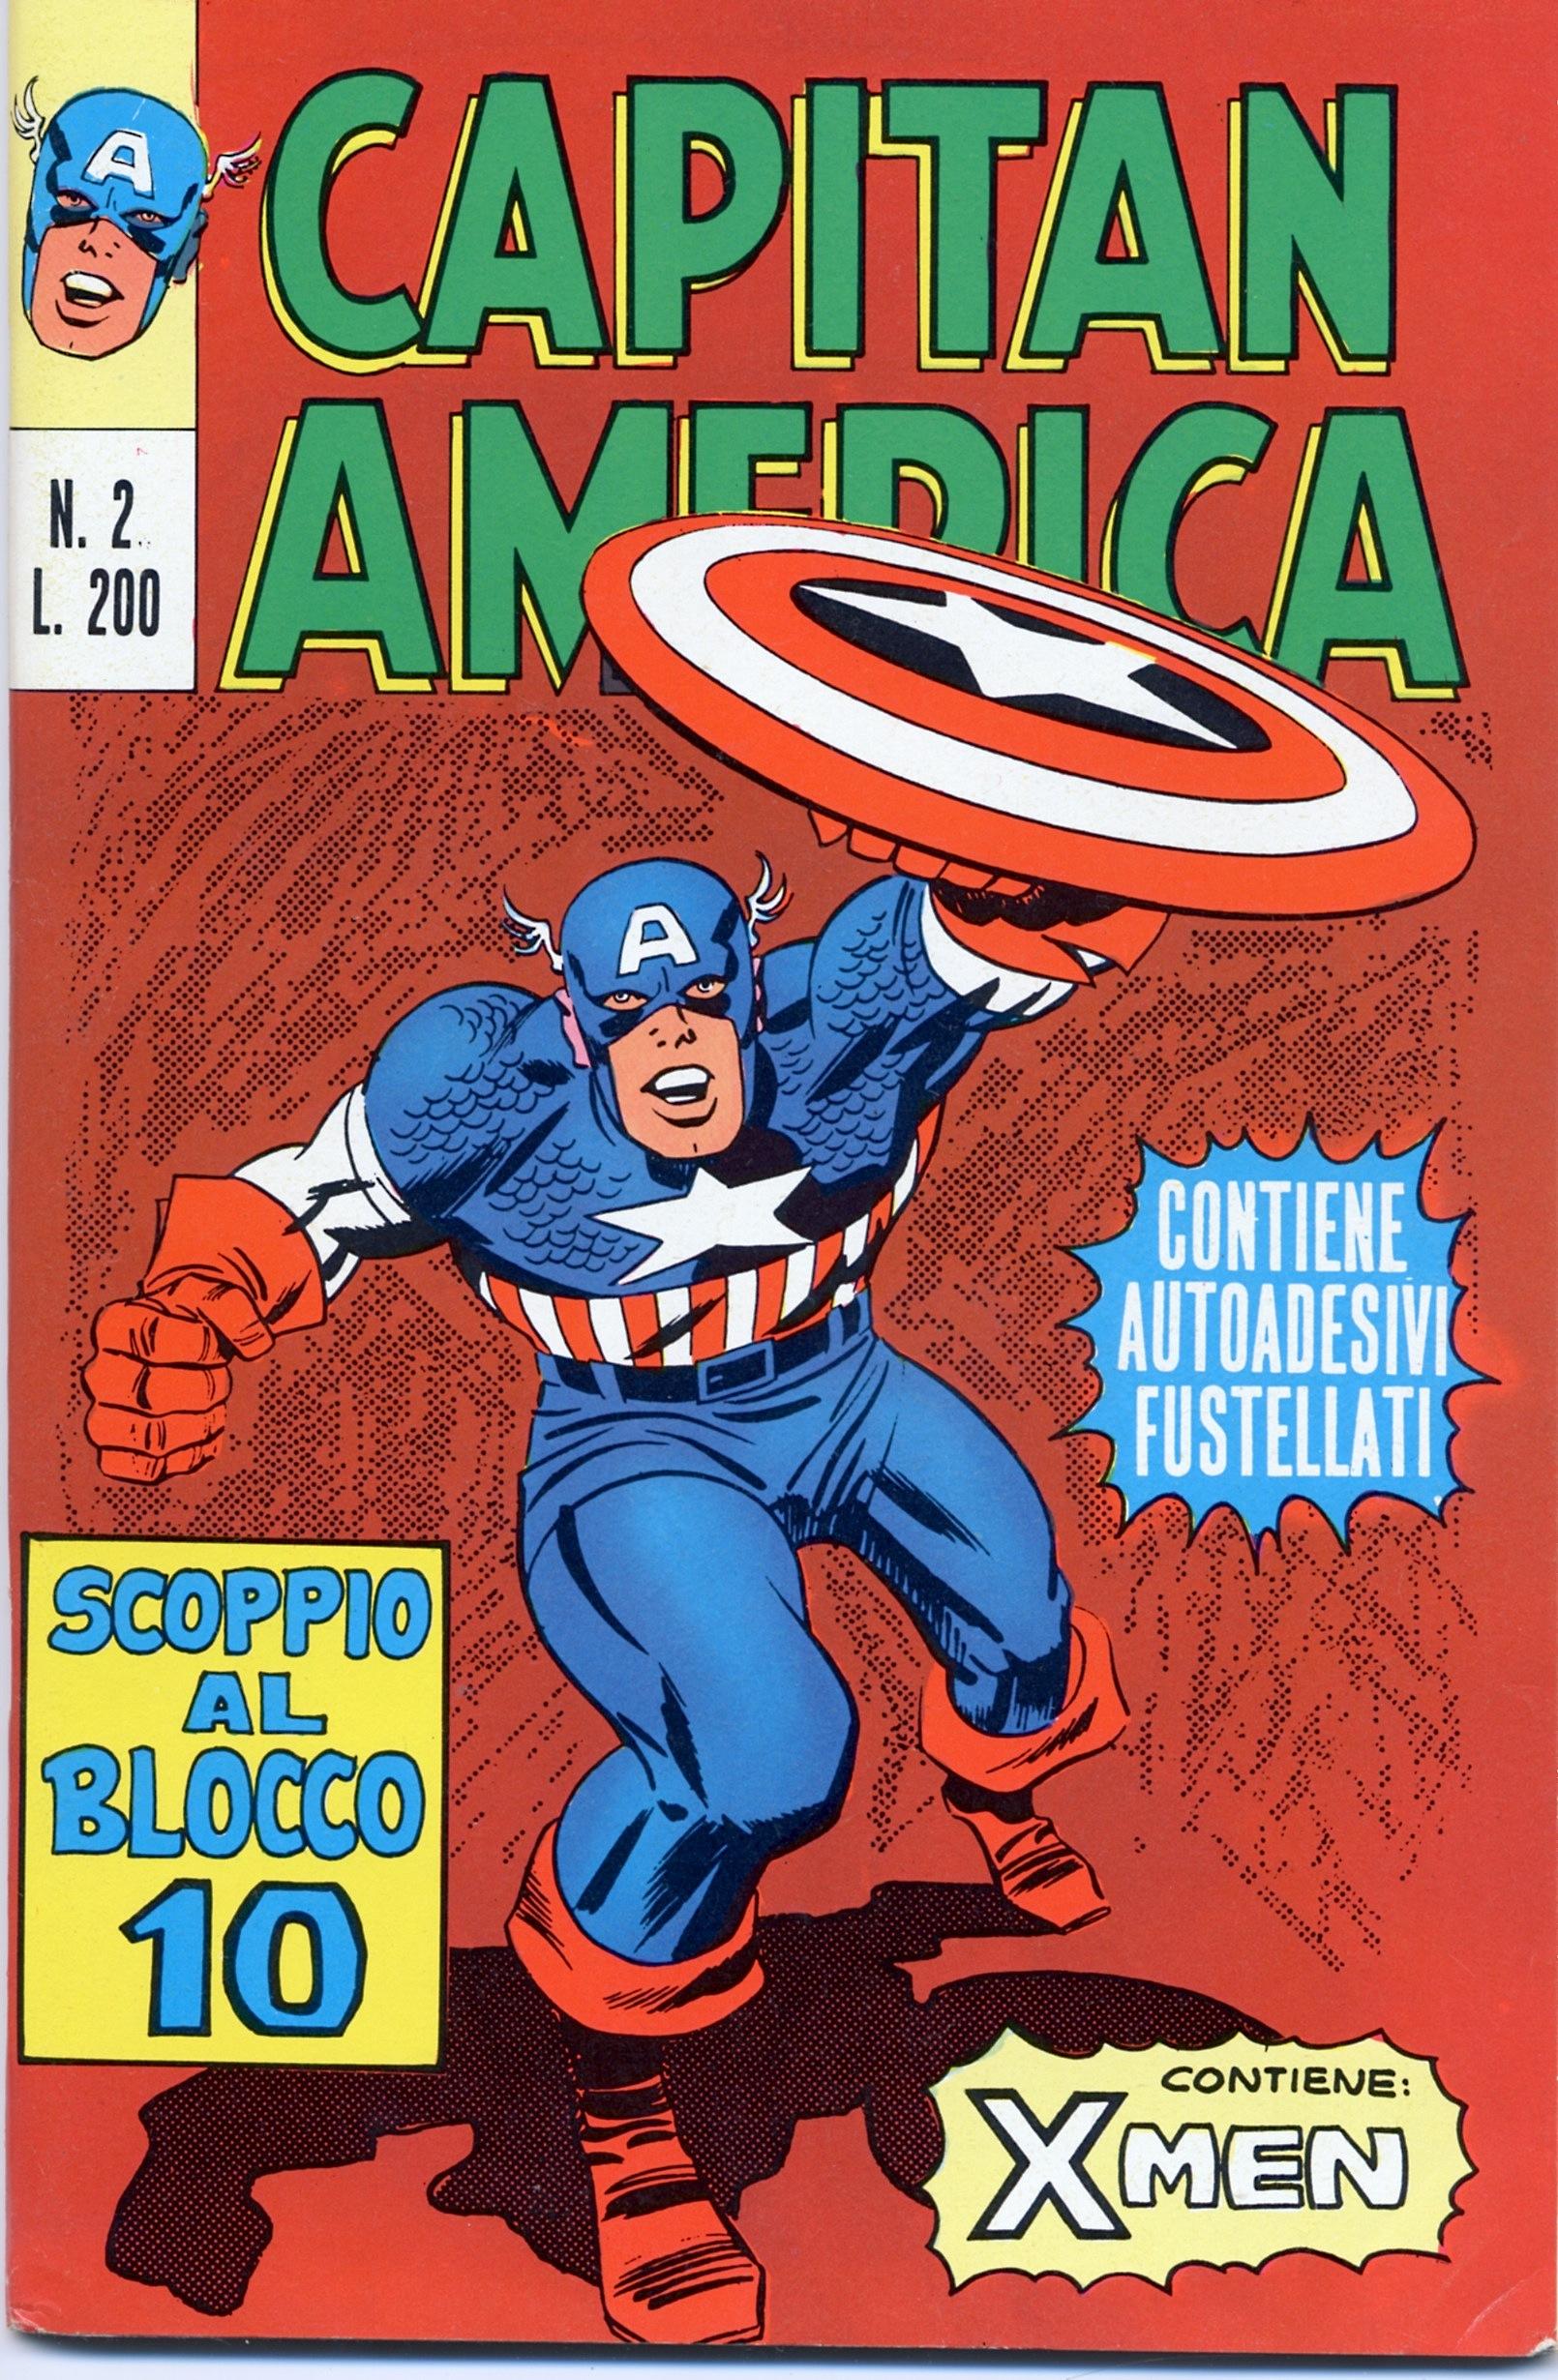 Capitan_America_numero_2_editoriale_corno_edicola